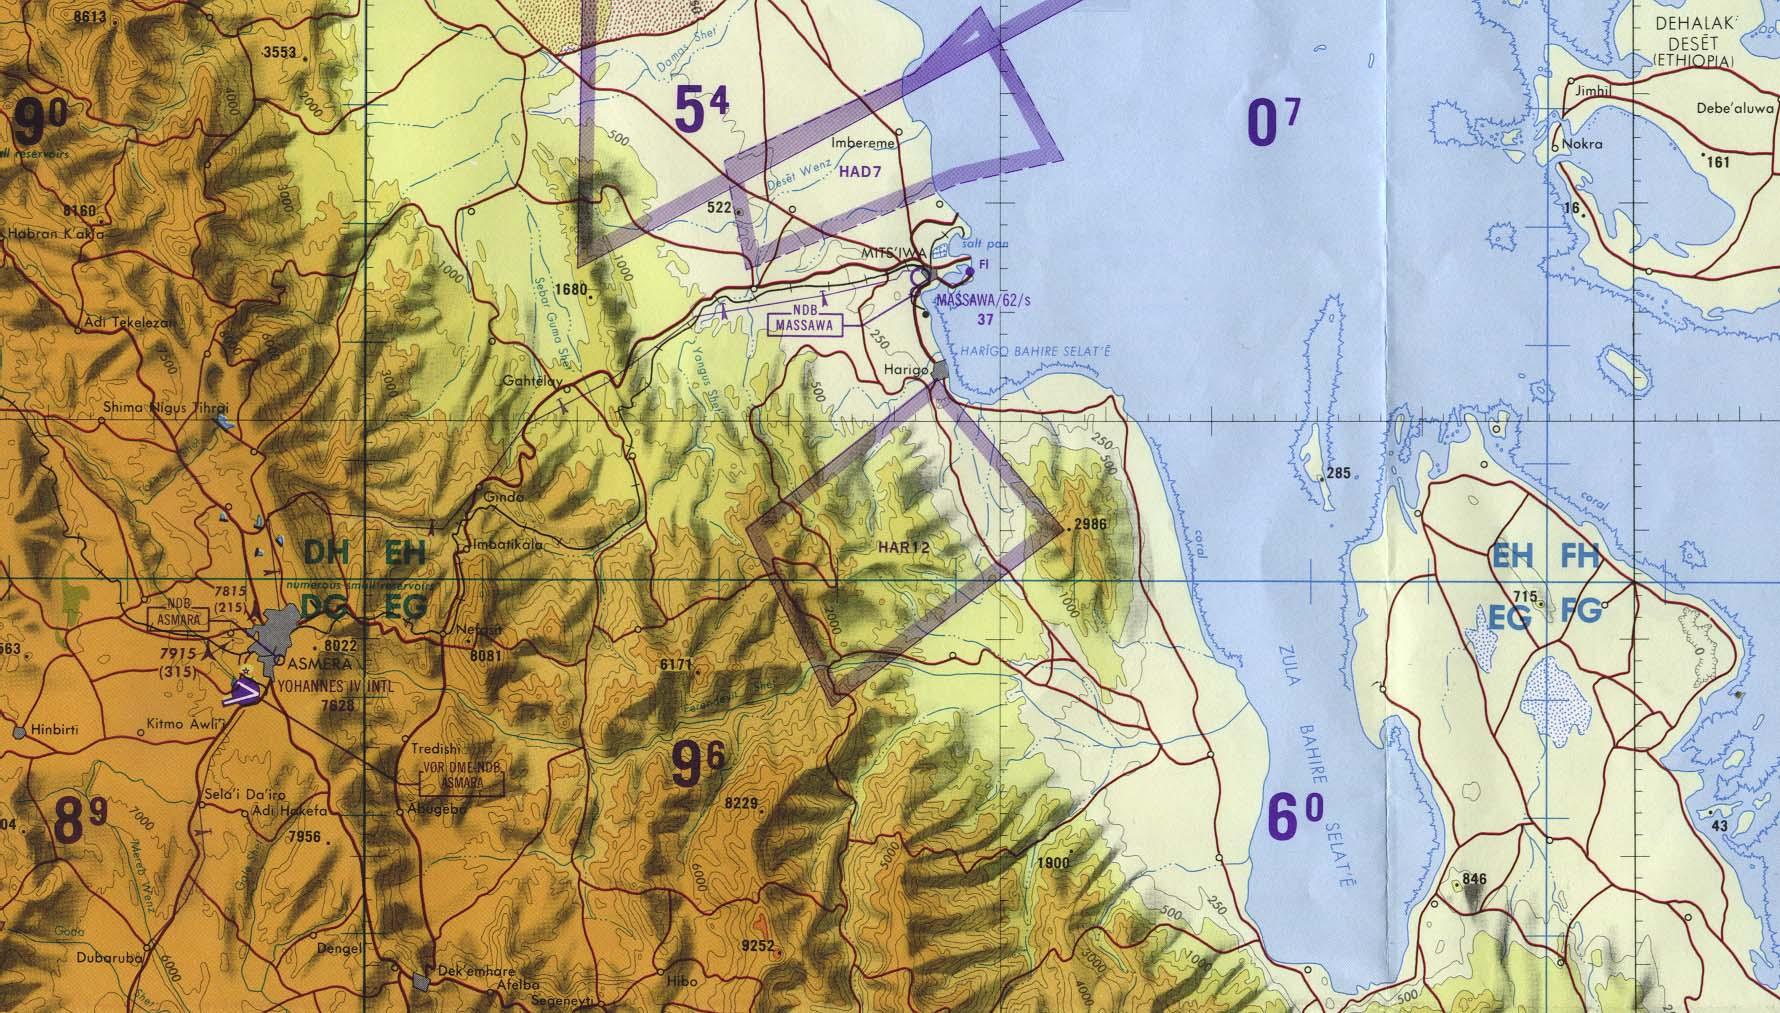 Asmara - Massawa Area Tactical Pilotage Chart, Eritrea